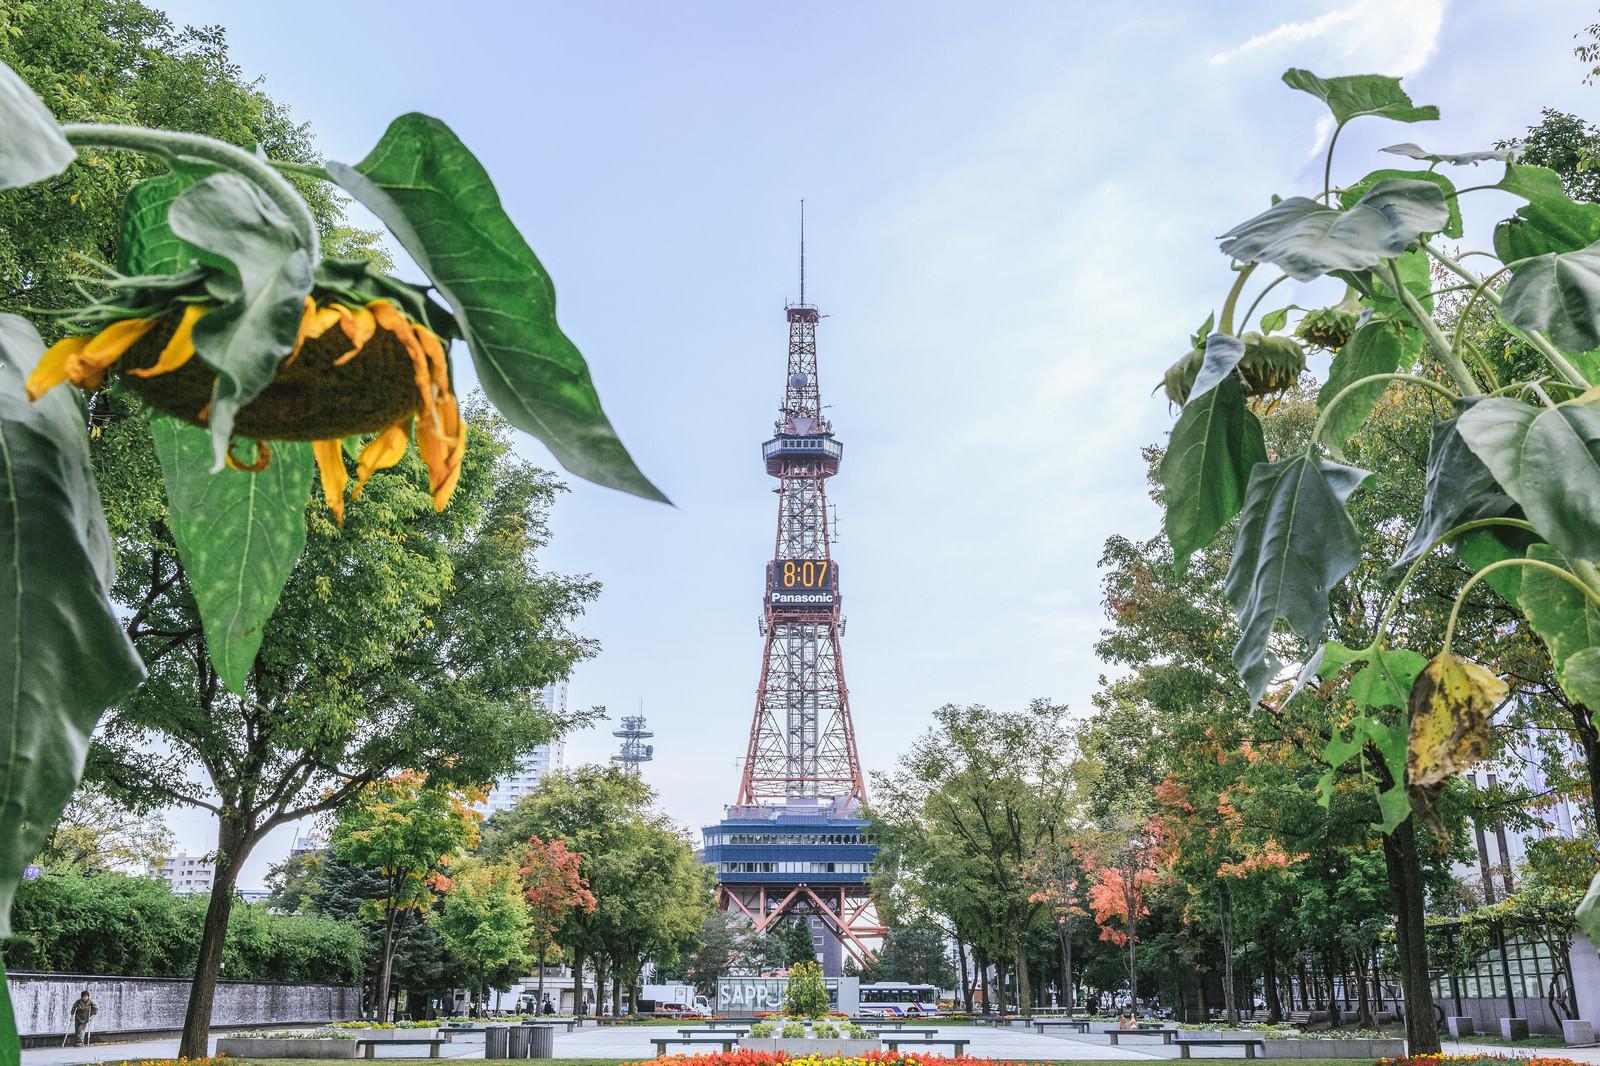 「うなだれた向日葵と大通公園(札幌)うなだれた向日葵と大通公園(札幌)」のフリー写真素材を拡大